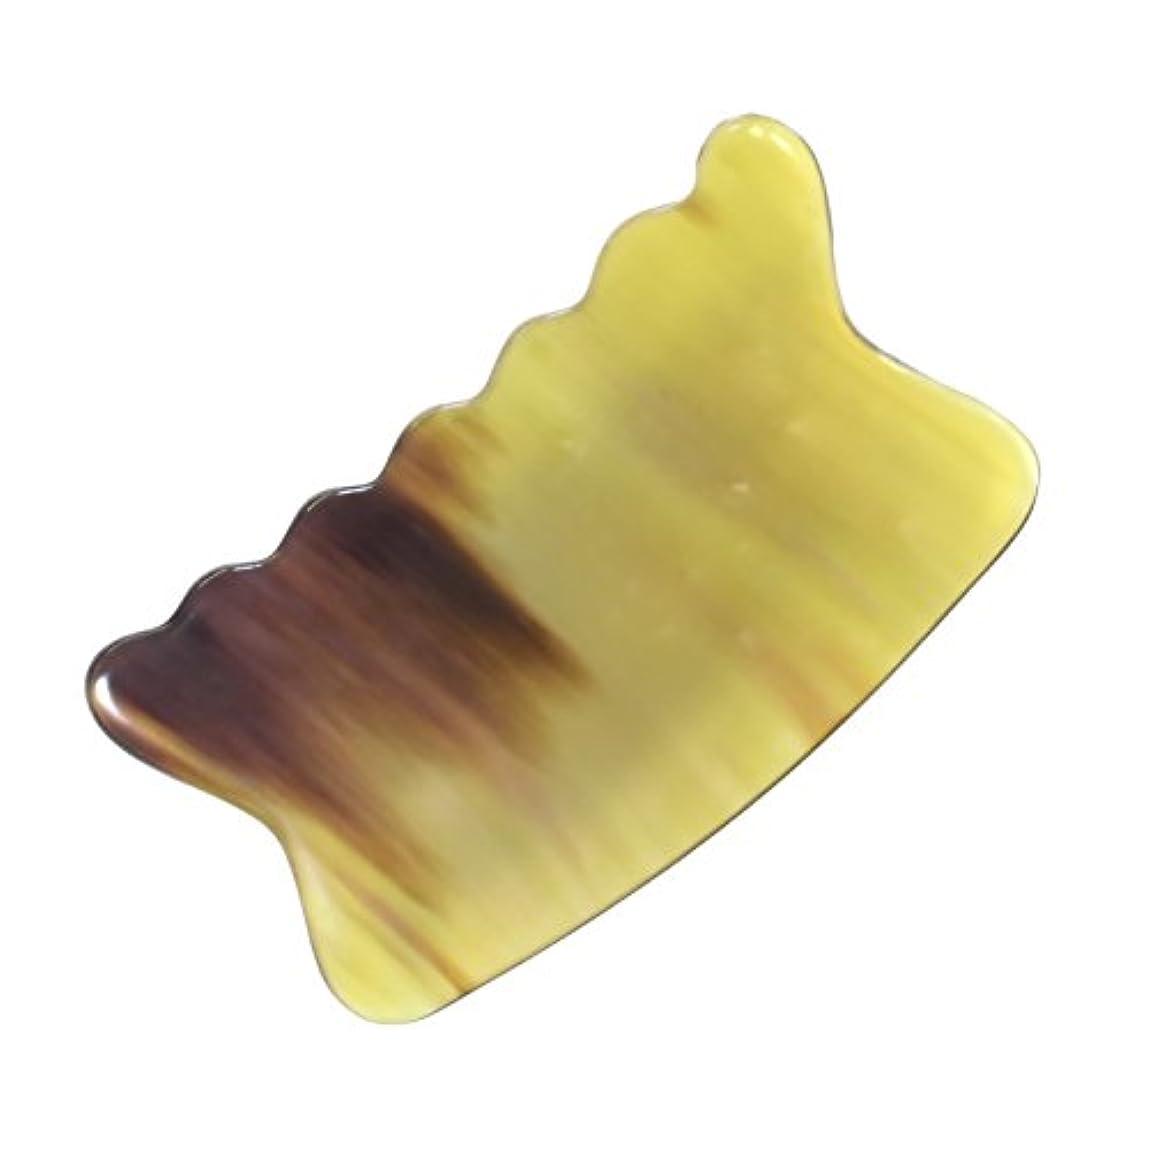 発表名声払い戻しかっさ プレート 希少61 黄水牛角 極美品 曲波型